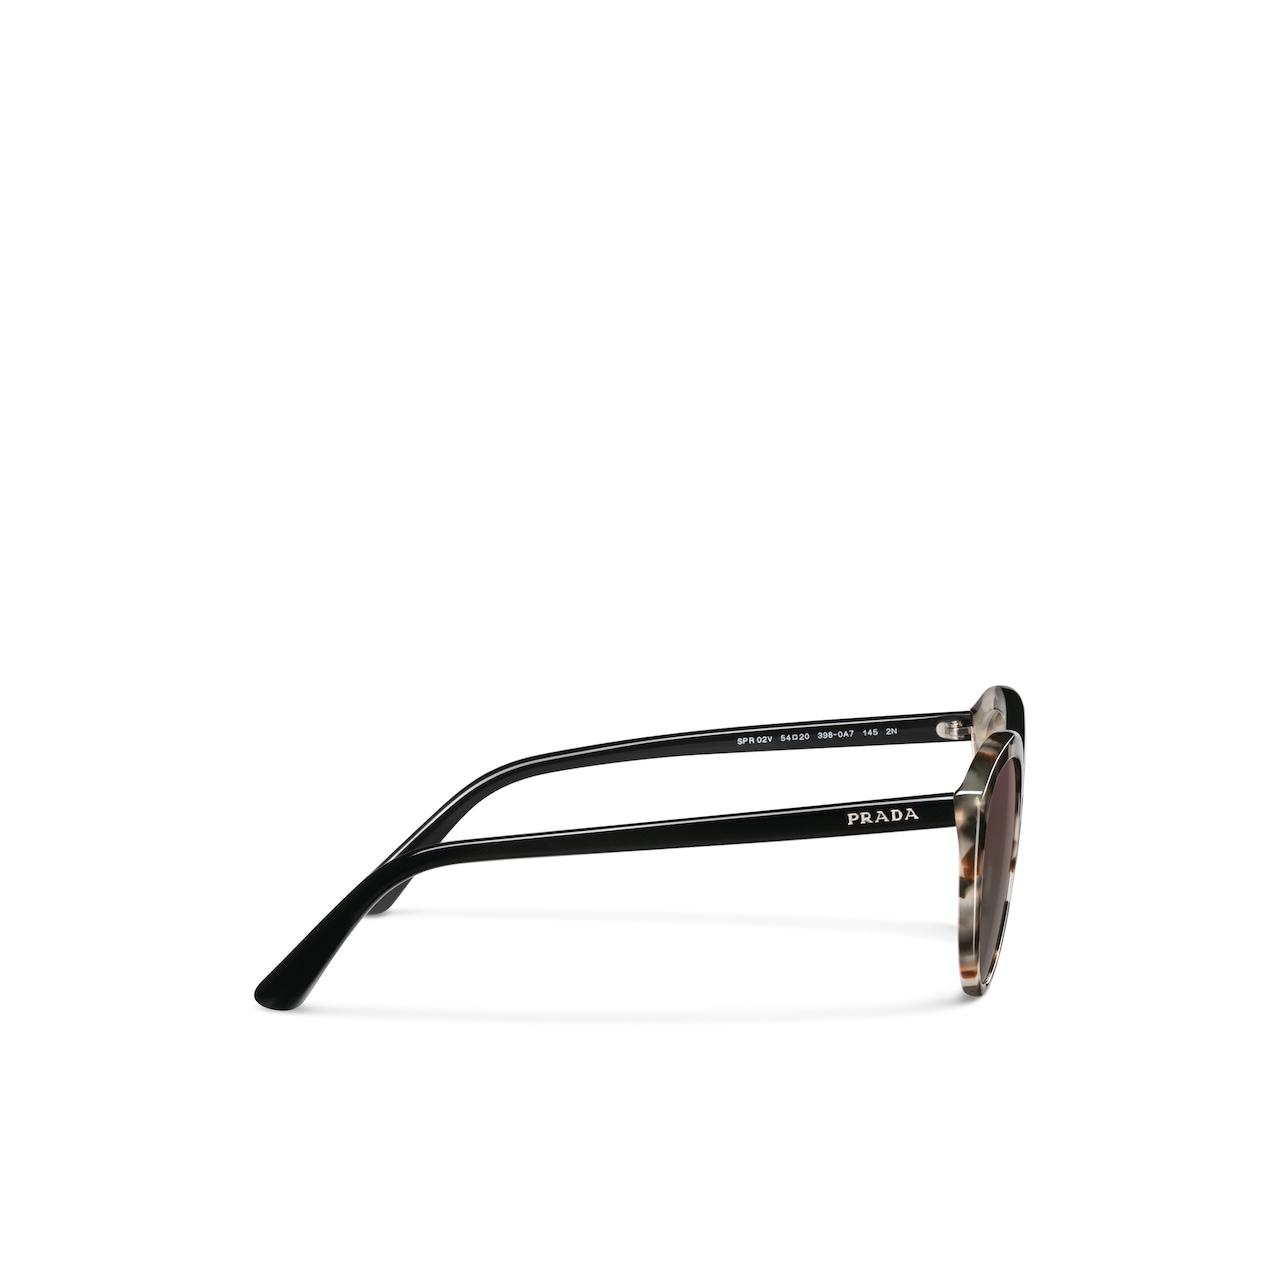 Prada Prada Ultravox sunglasses 4